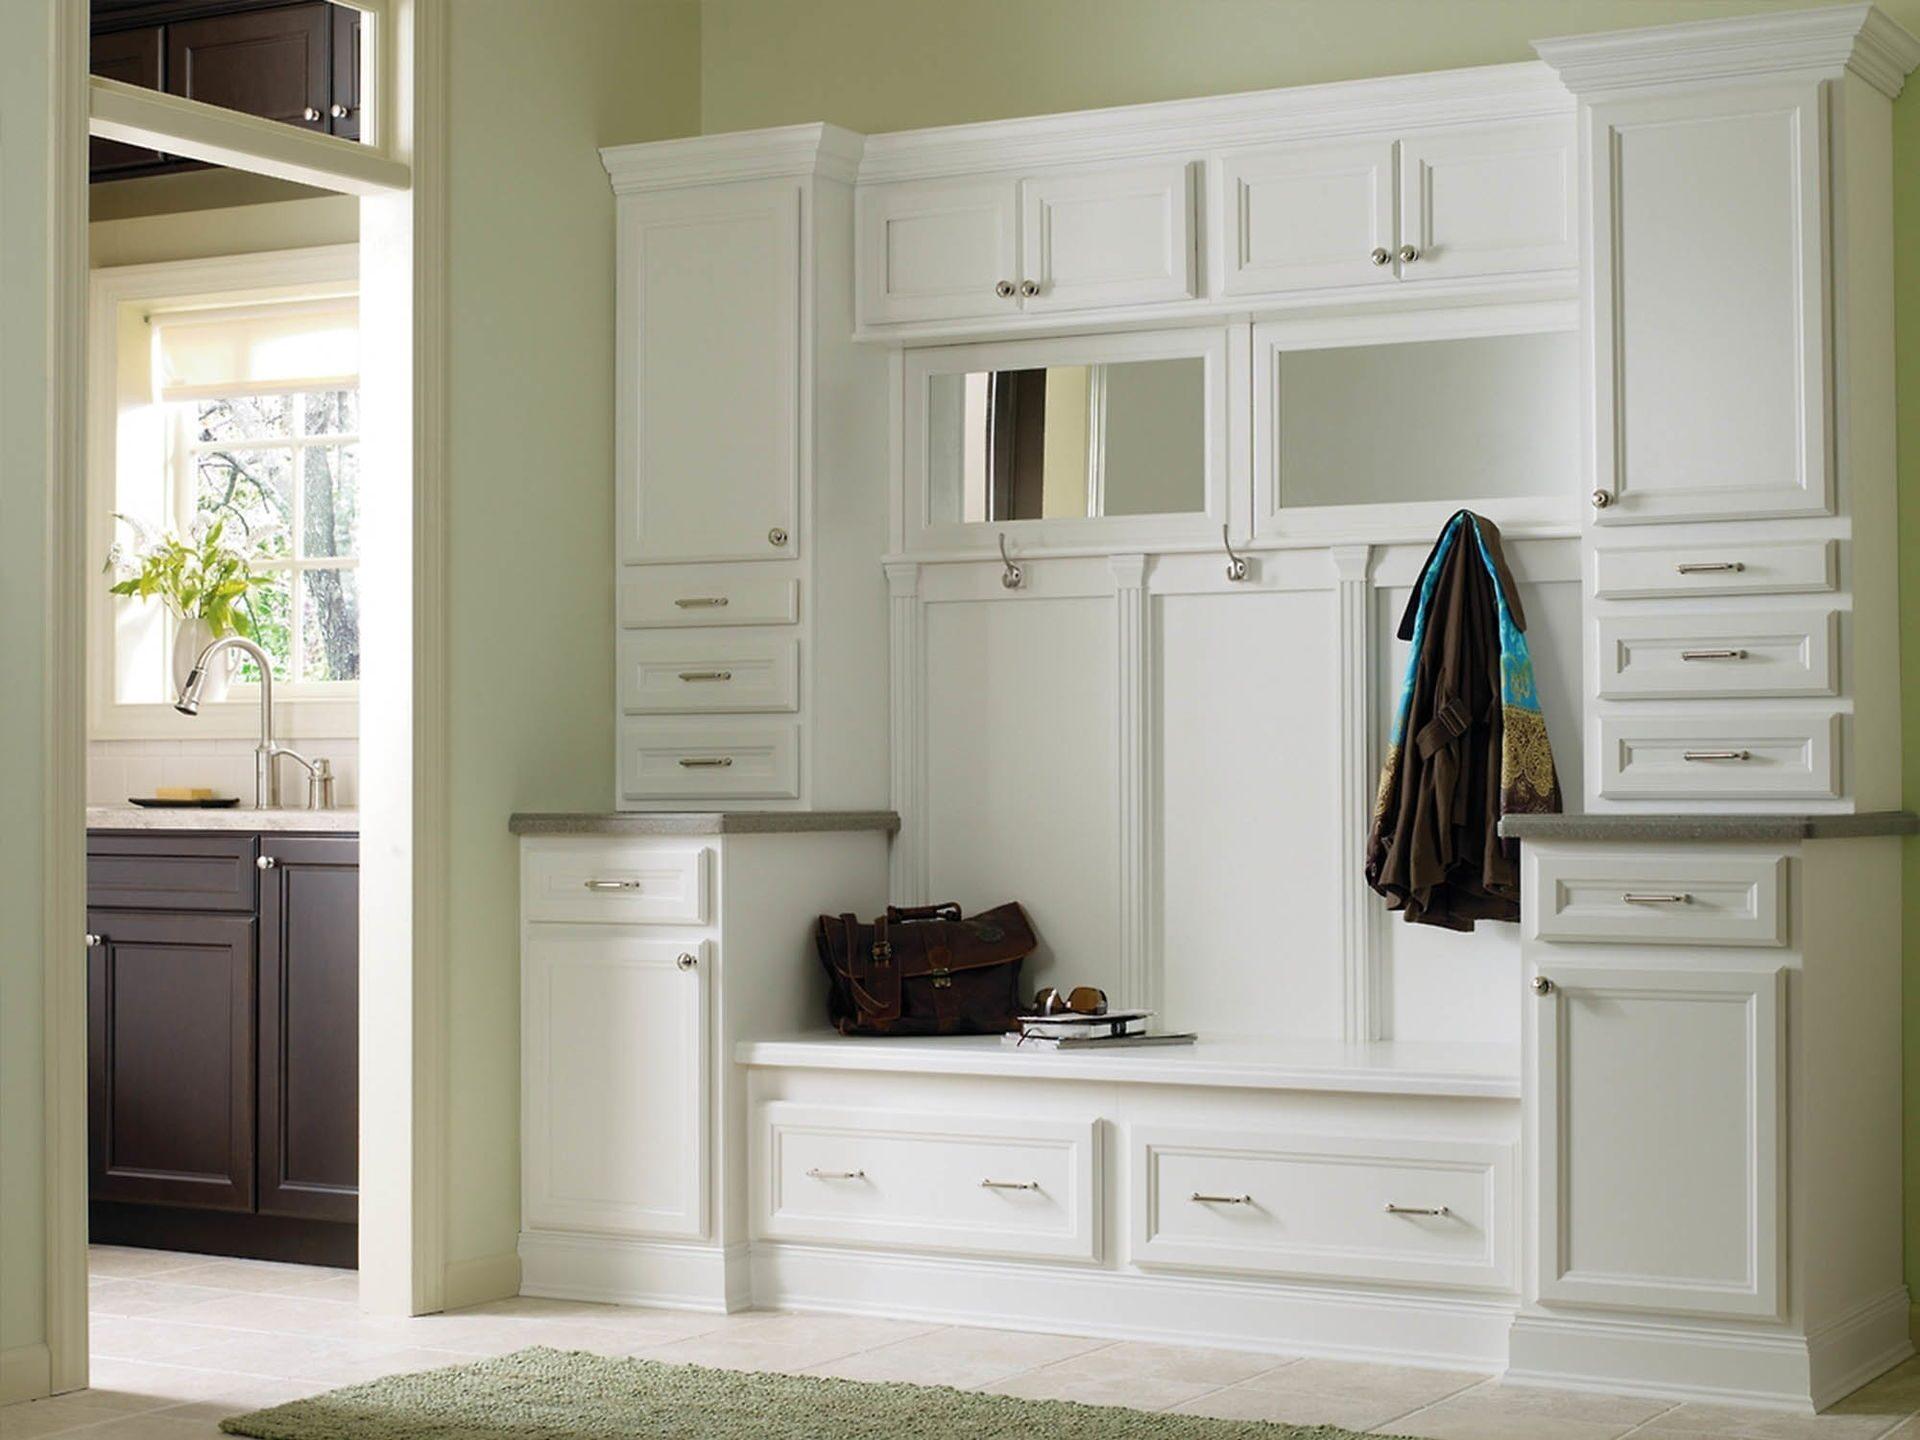 Белая мебель в интерьере: 75 примеров дизайна.